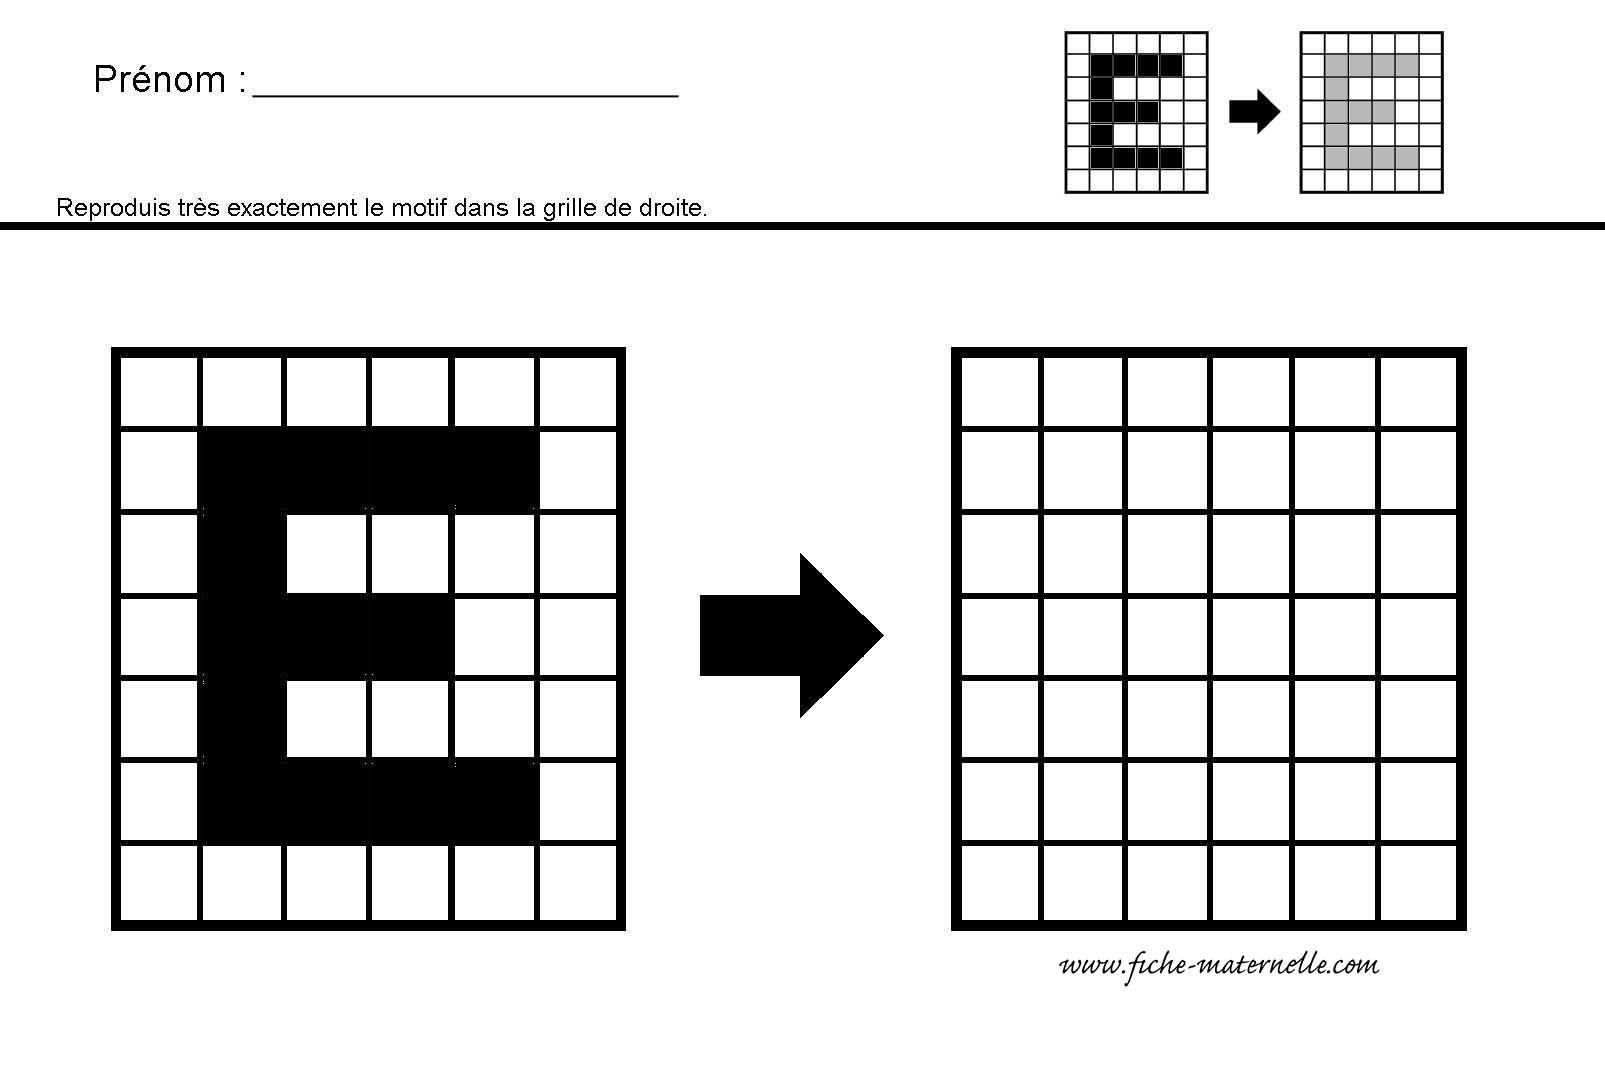 Épinglé sur Education / Graphisme écriture